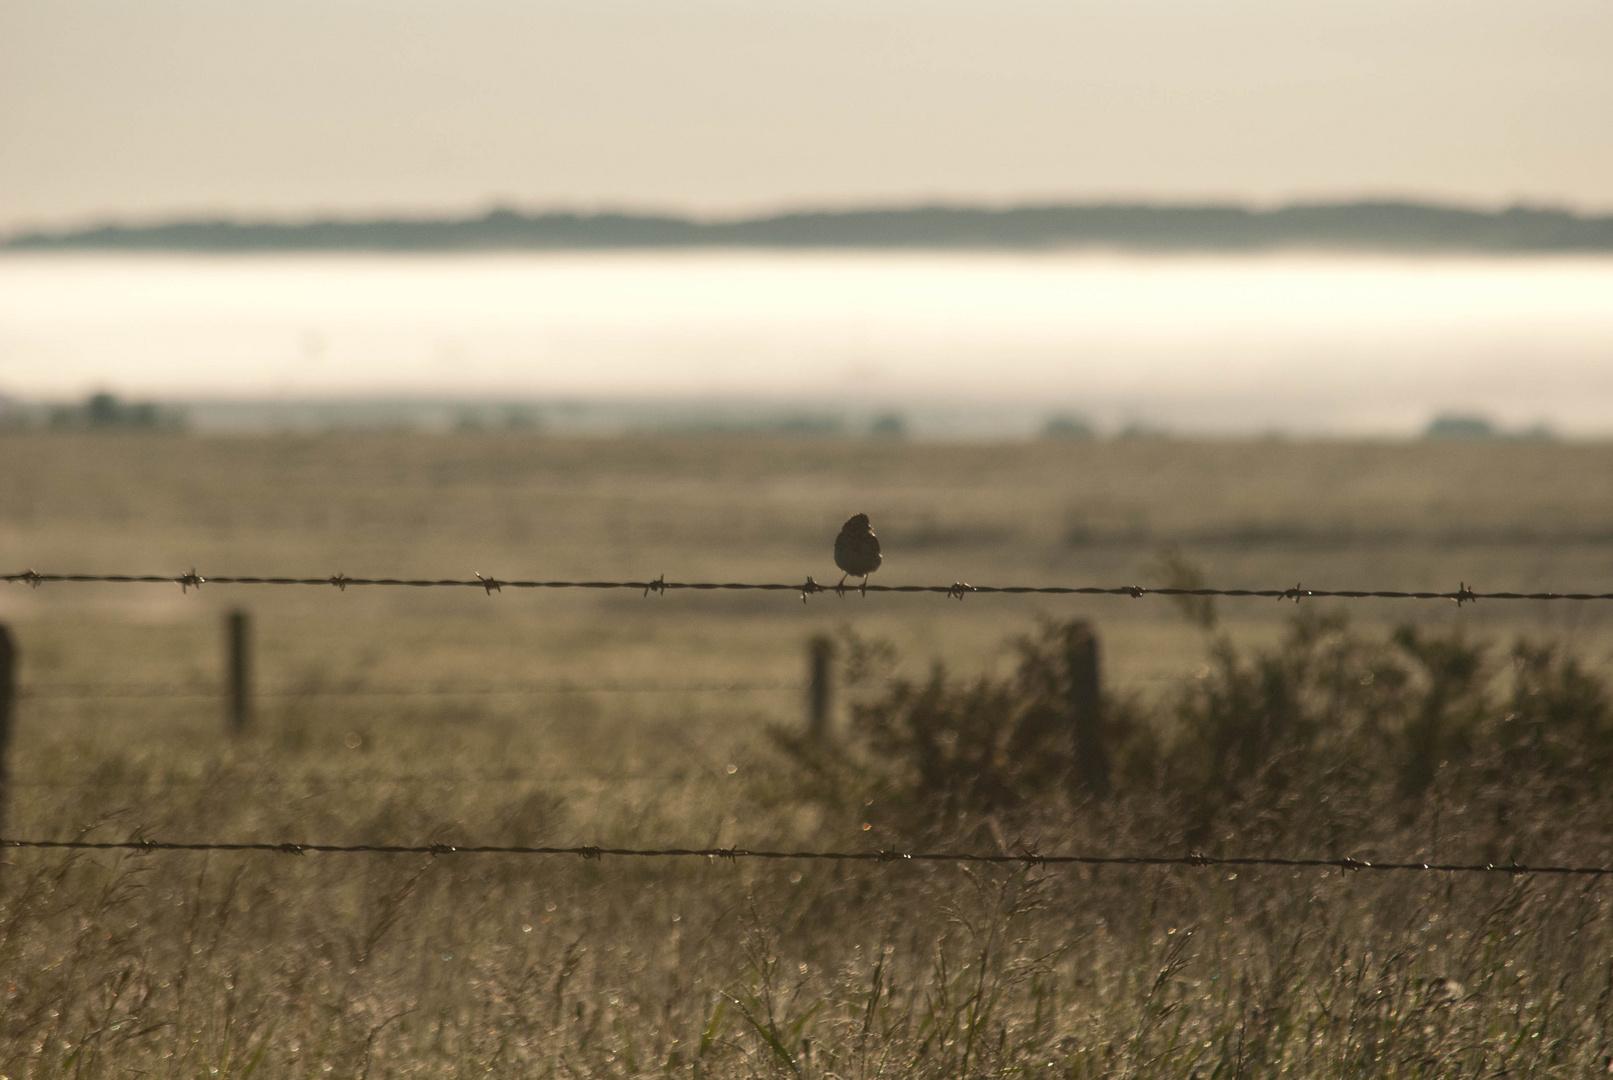 Bird on a fence, Alberta, Canada